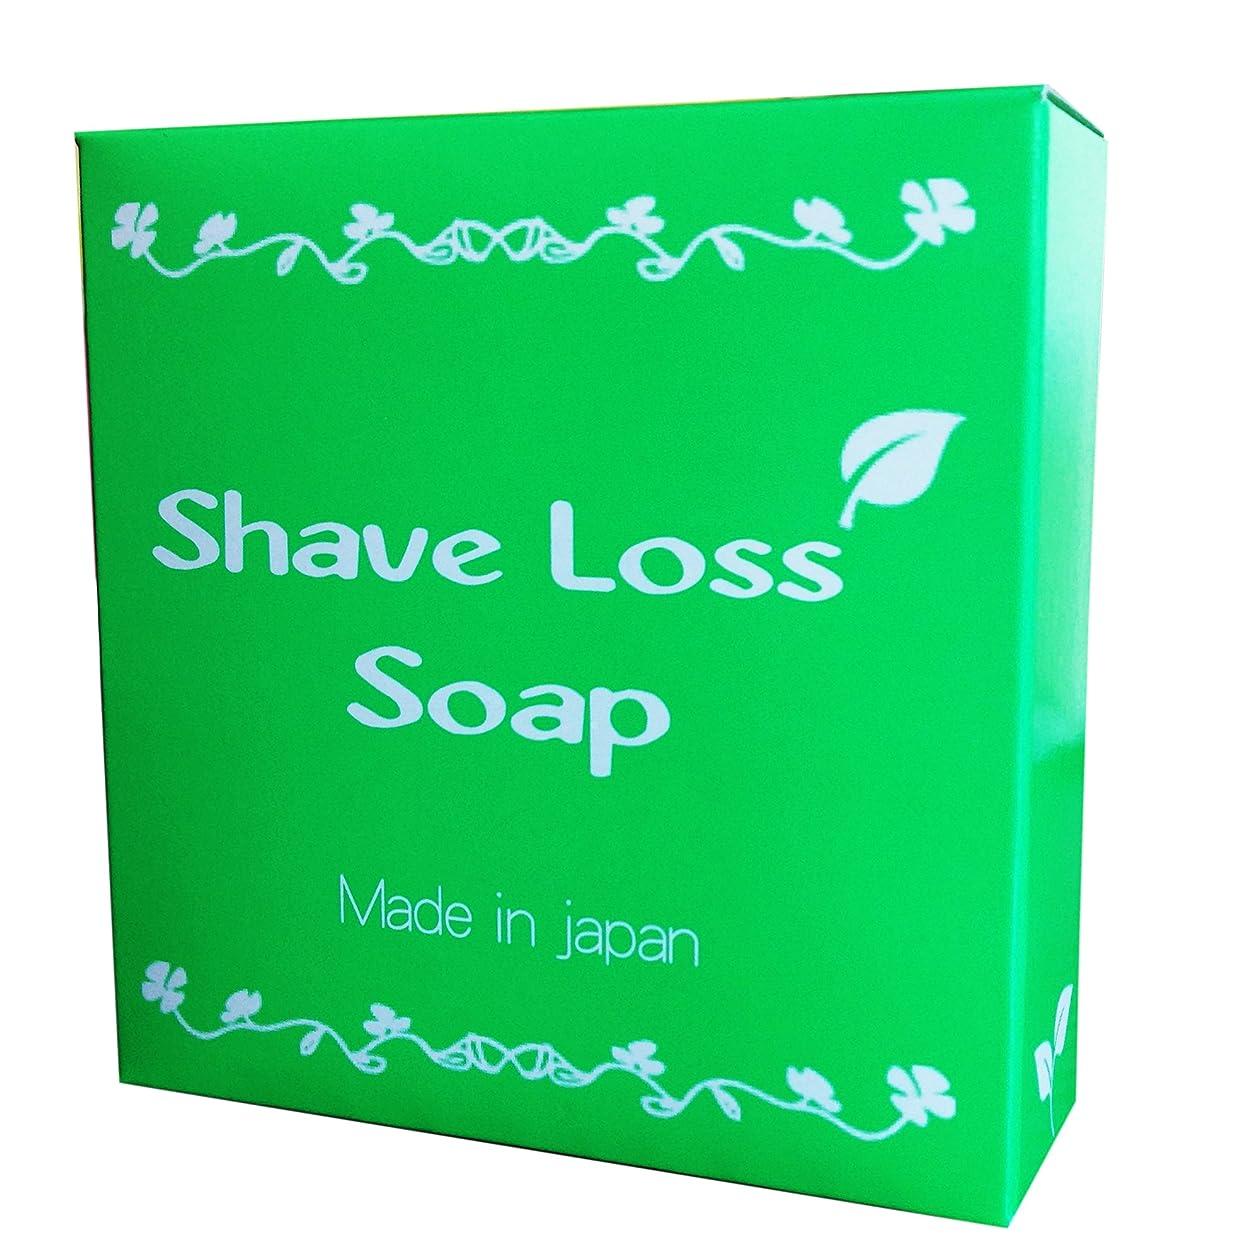 些細ストライプ放課後Shave Loss Soap 女性のツルツルを叶える 奇跡の石鹸 80g (1個)